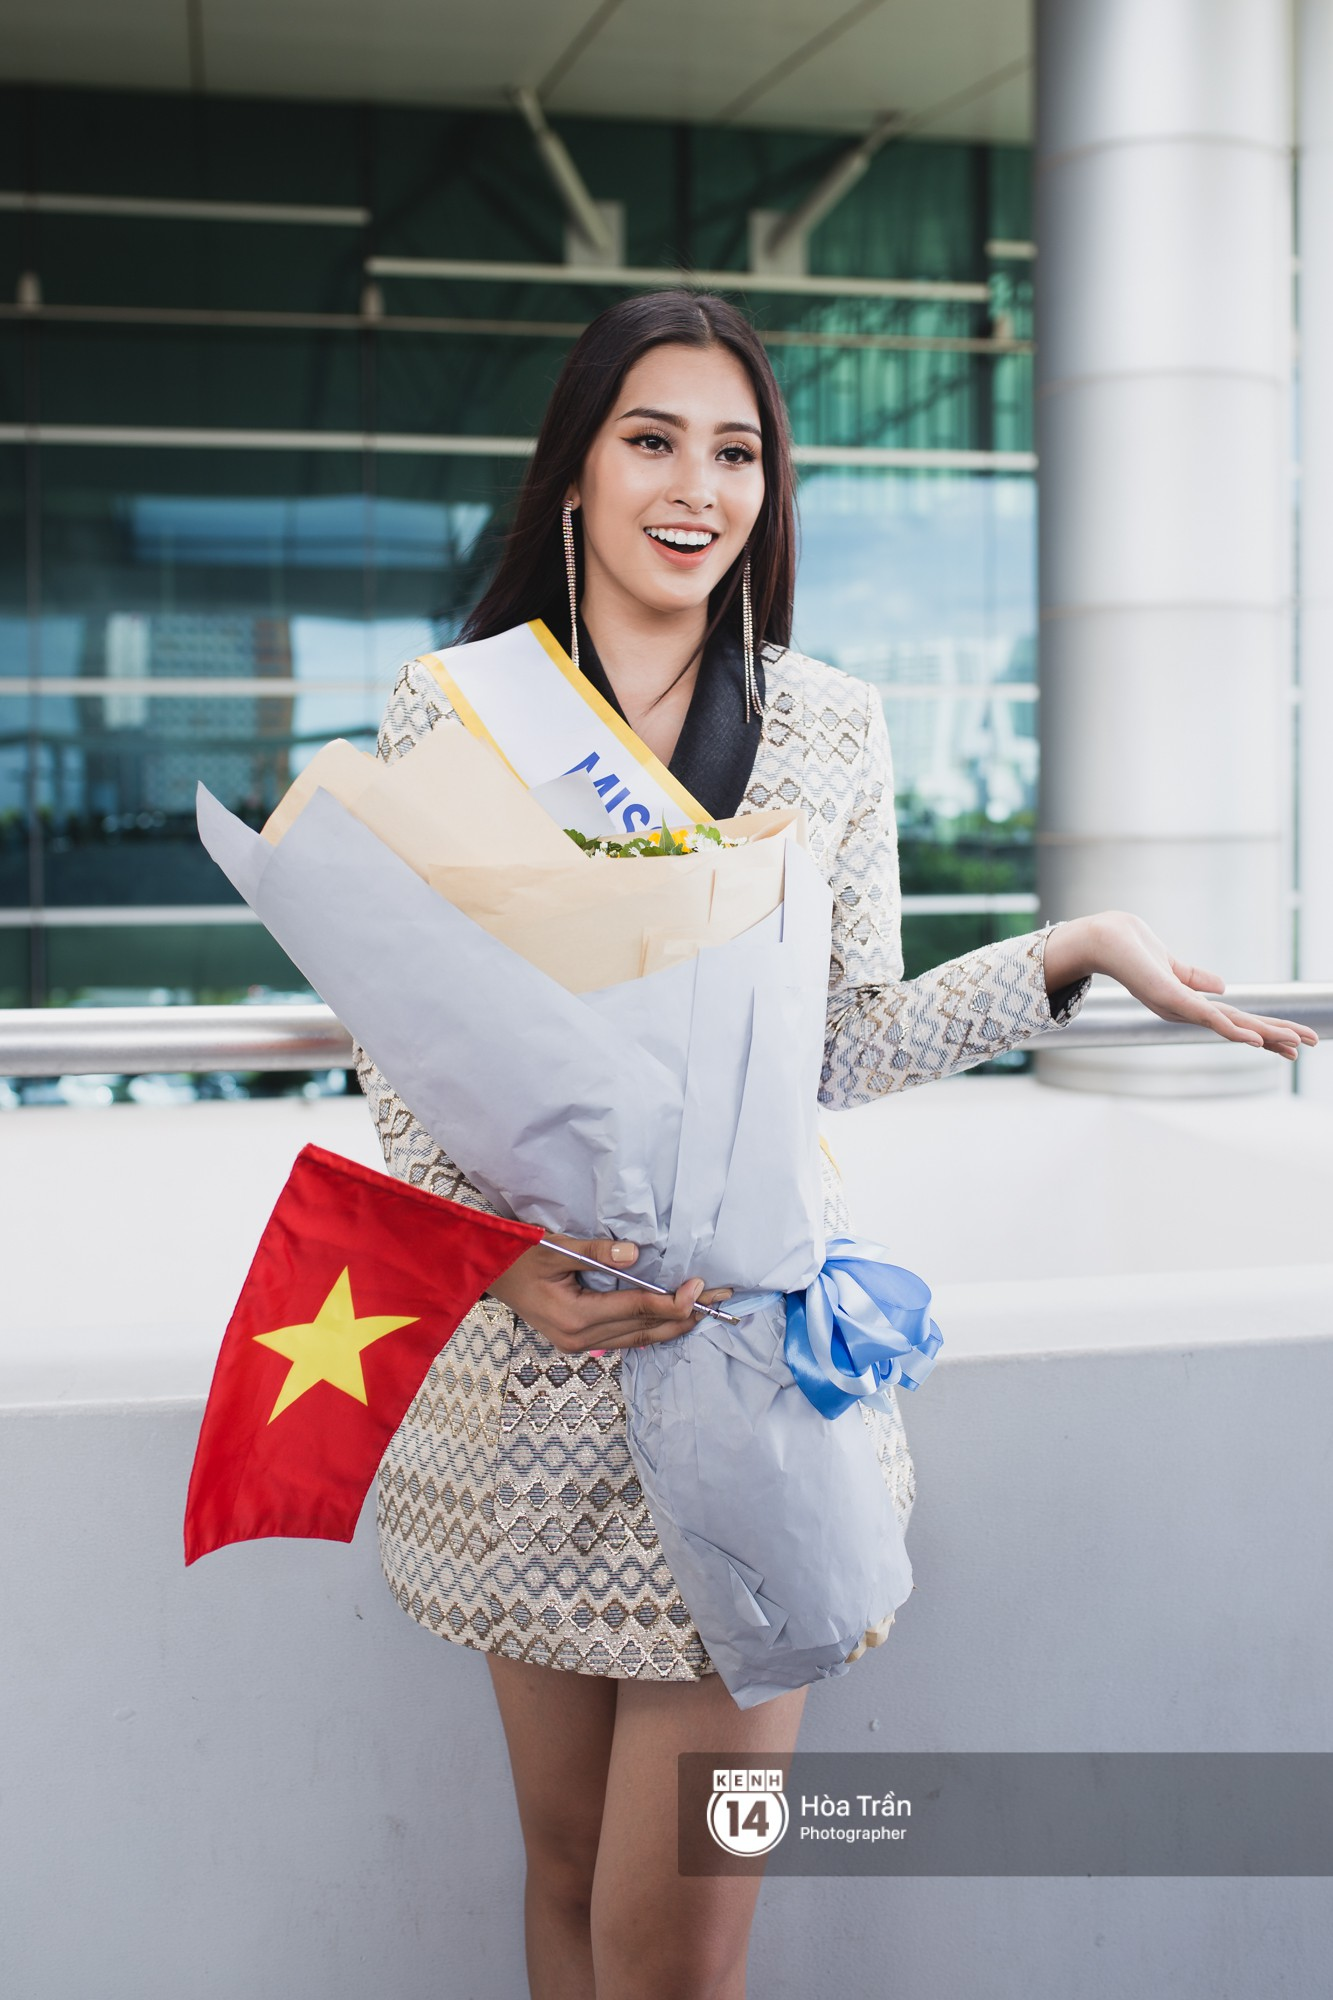 Mẹ cùng người hâm mộ tiễn Trần Tiểu Vy lên đường sang Trung Quốc chinh chiến Miss World 2018 - Ảnh 5.